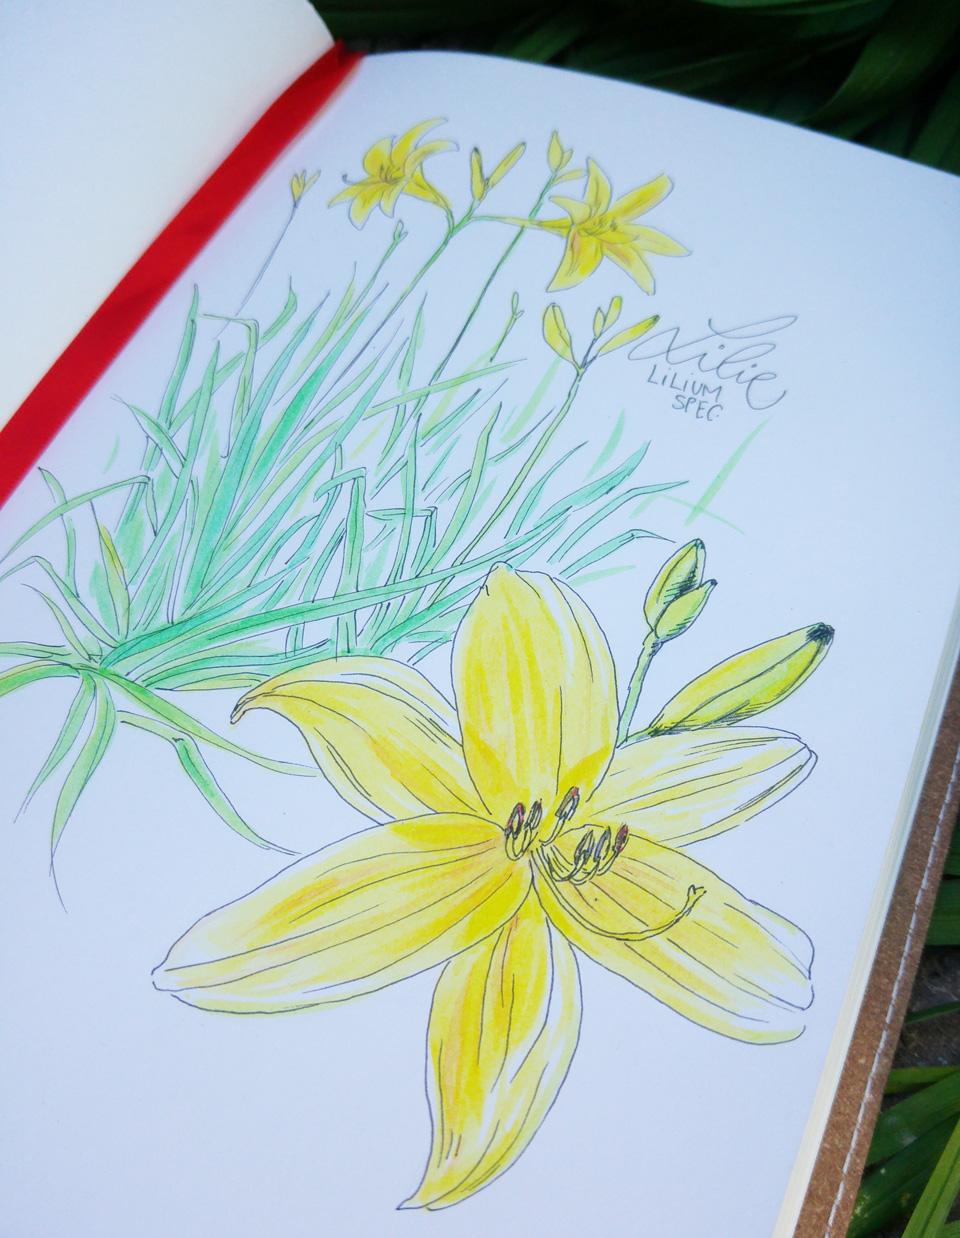 Lilium spec - gezeichnet mit Fineliner, koloriert mit Tombow Brushpens.